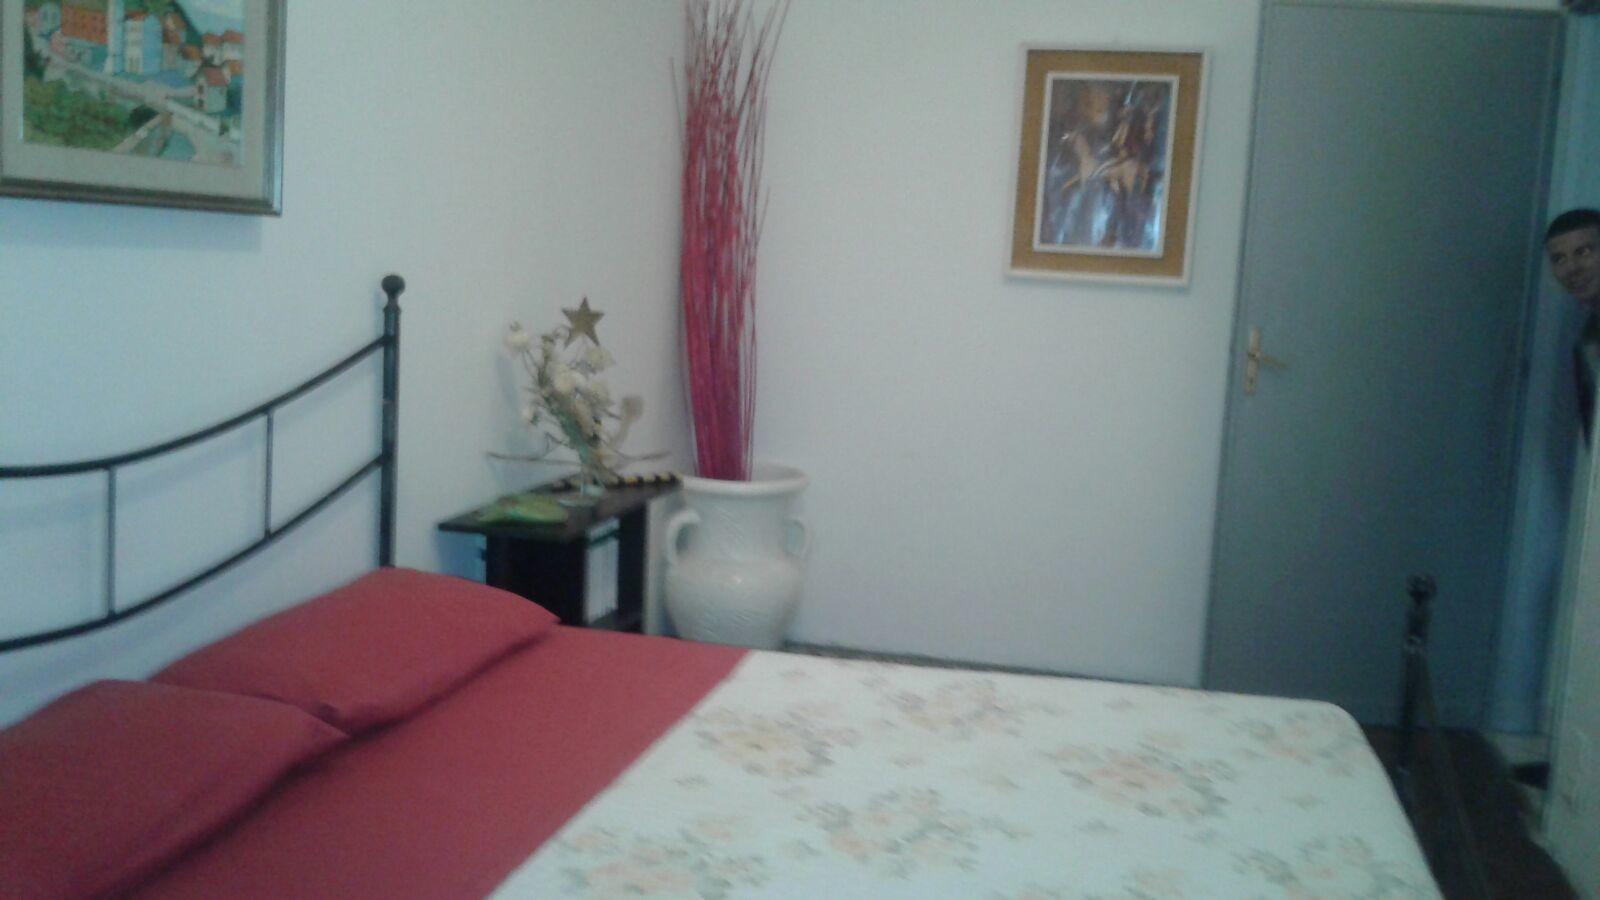 Camera singola con letto matrimoniale, zona mirafiori sud | Stanza ...